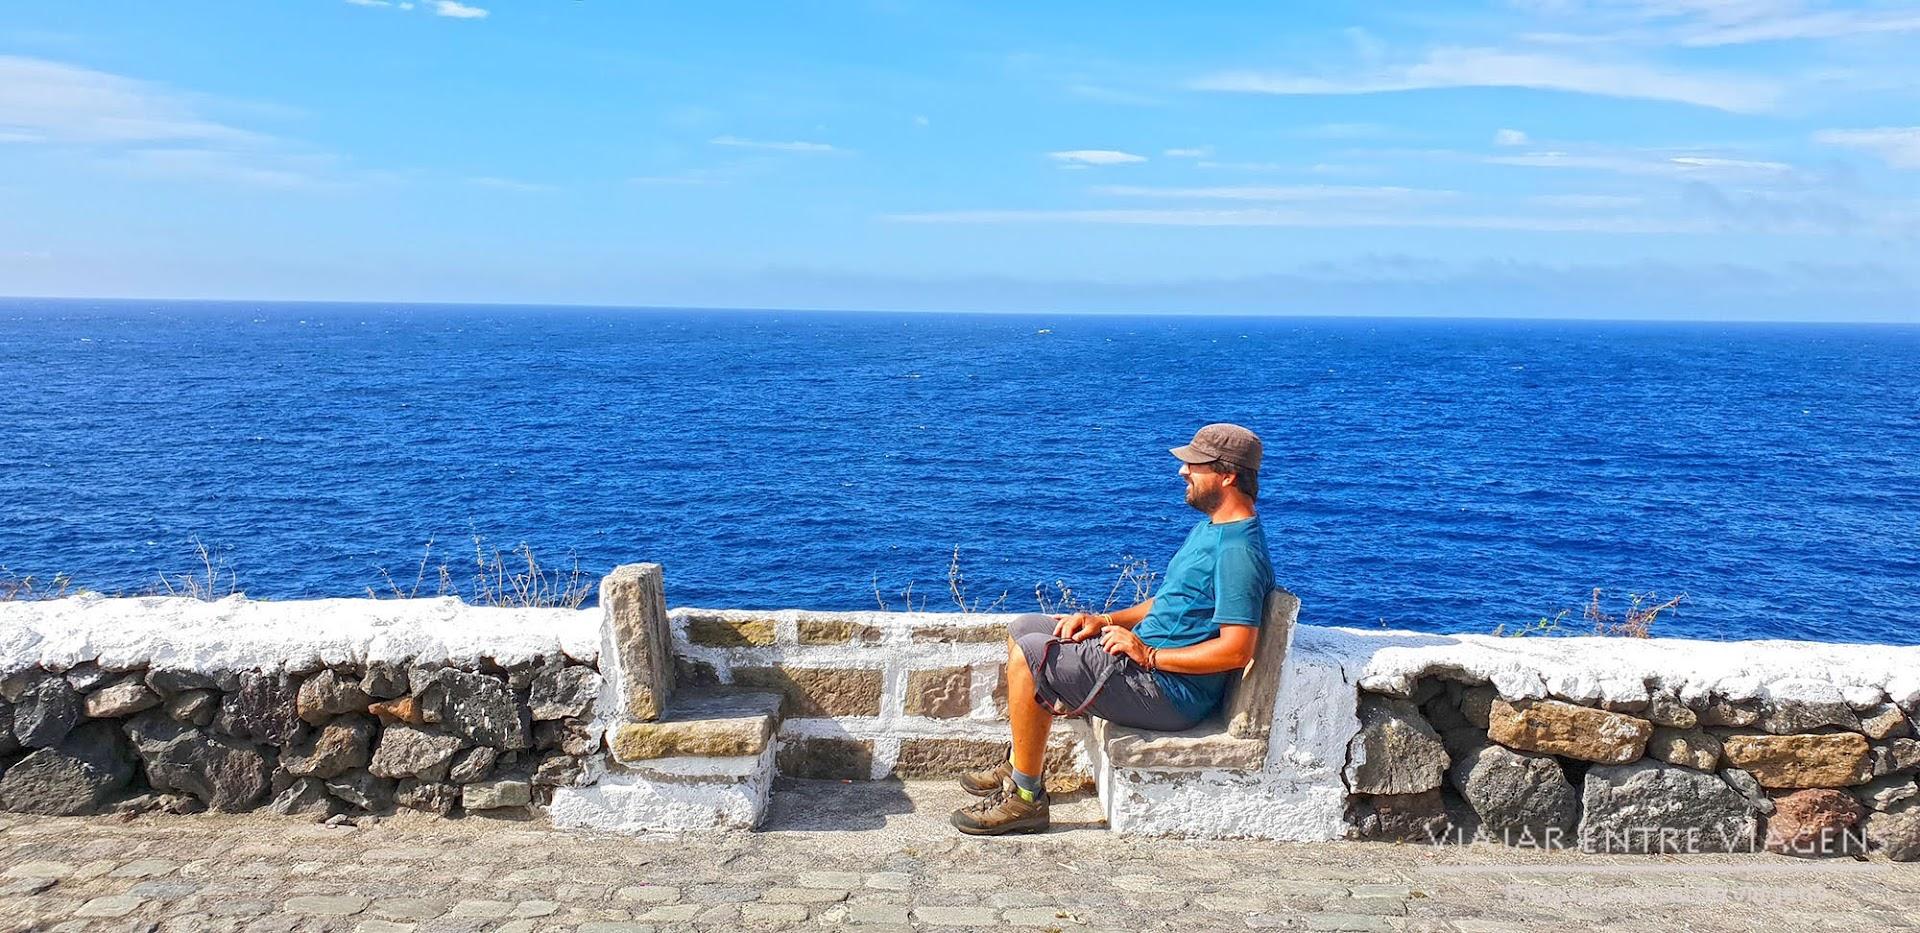 ILHA TERCEIRA - O que ver e fazer quando visitar os Açores